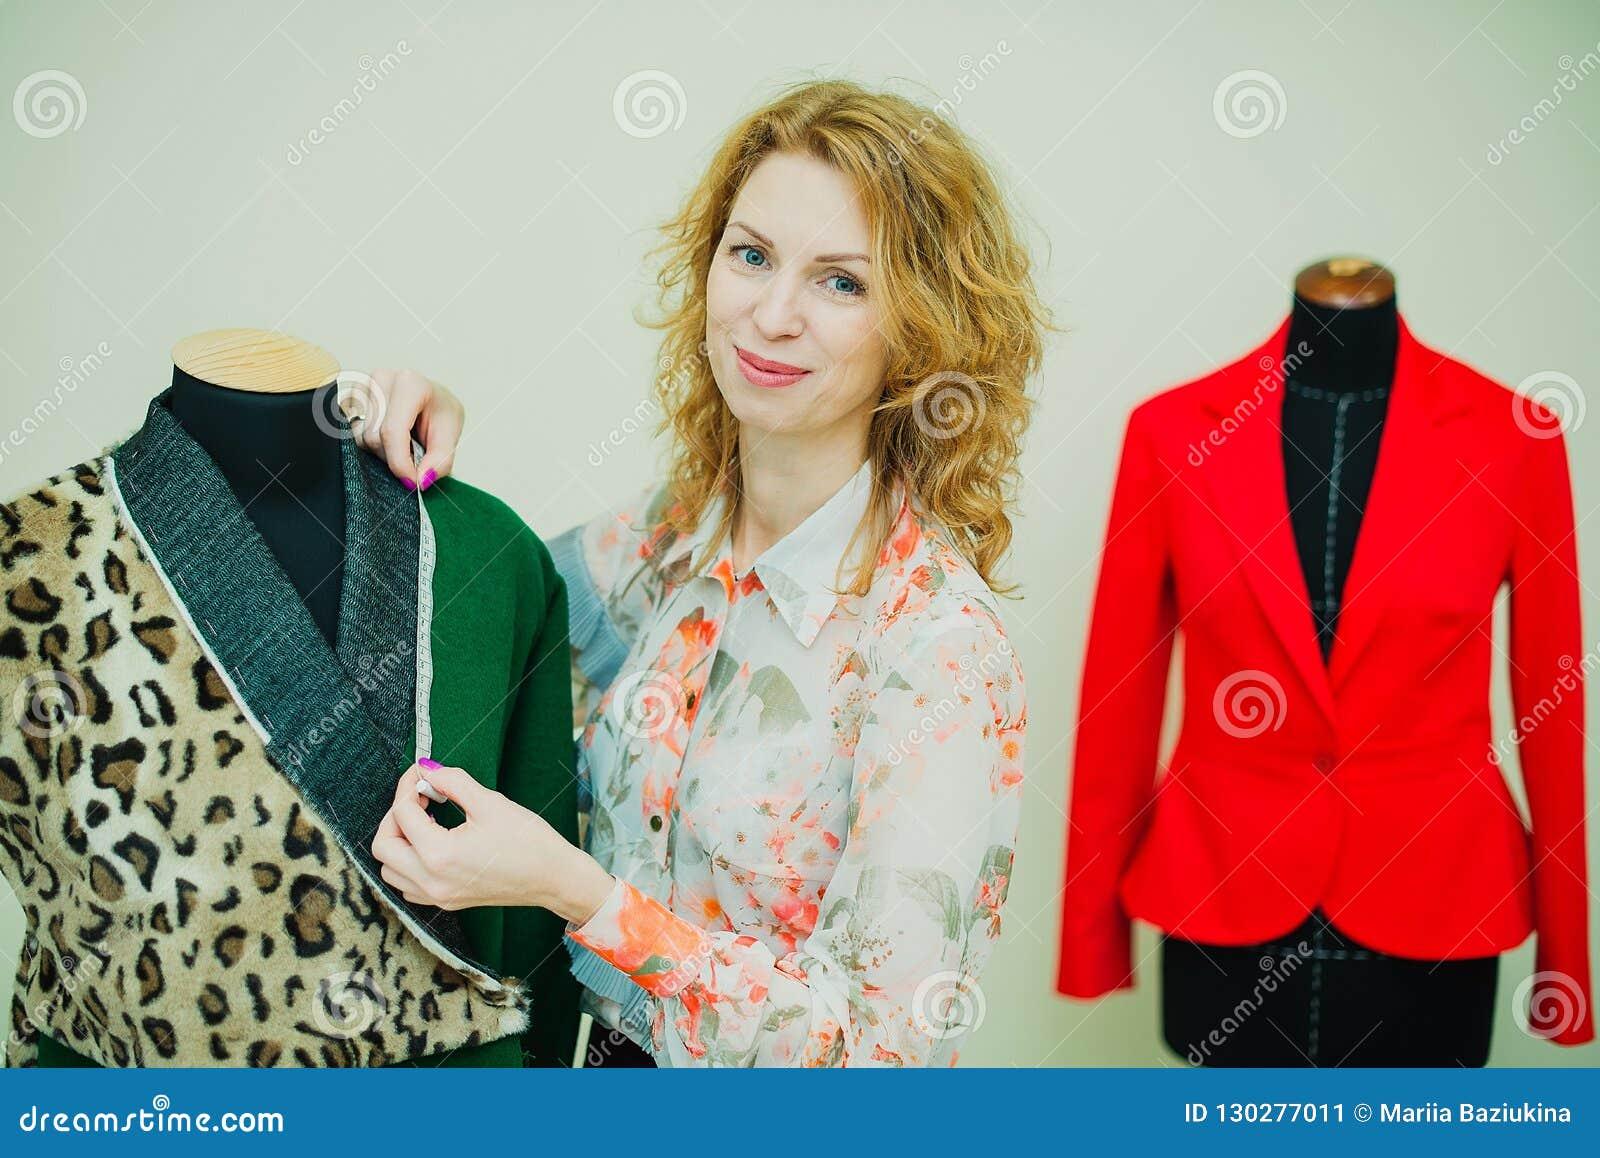 259c23e0a23dc A jovem mulher bonita costura o revestimento do desenhista Revestimento e  verde da cópia do leopardo No fundo é um manequim com um revestimento  vermelho